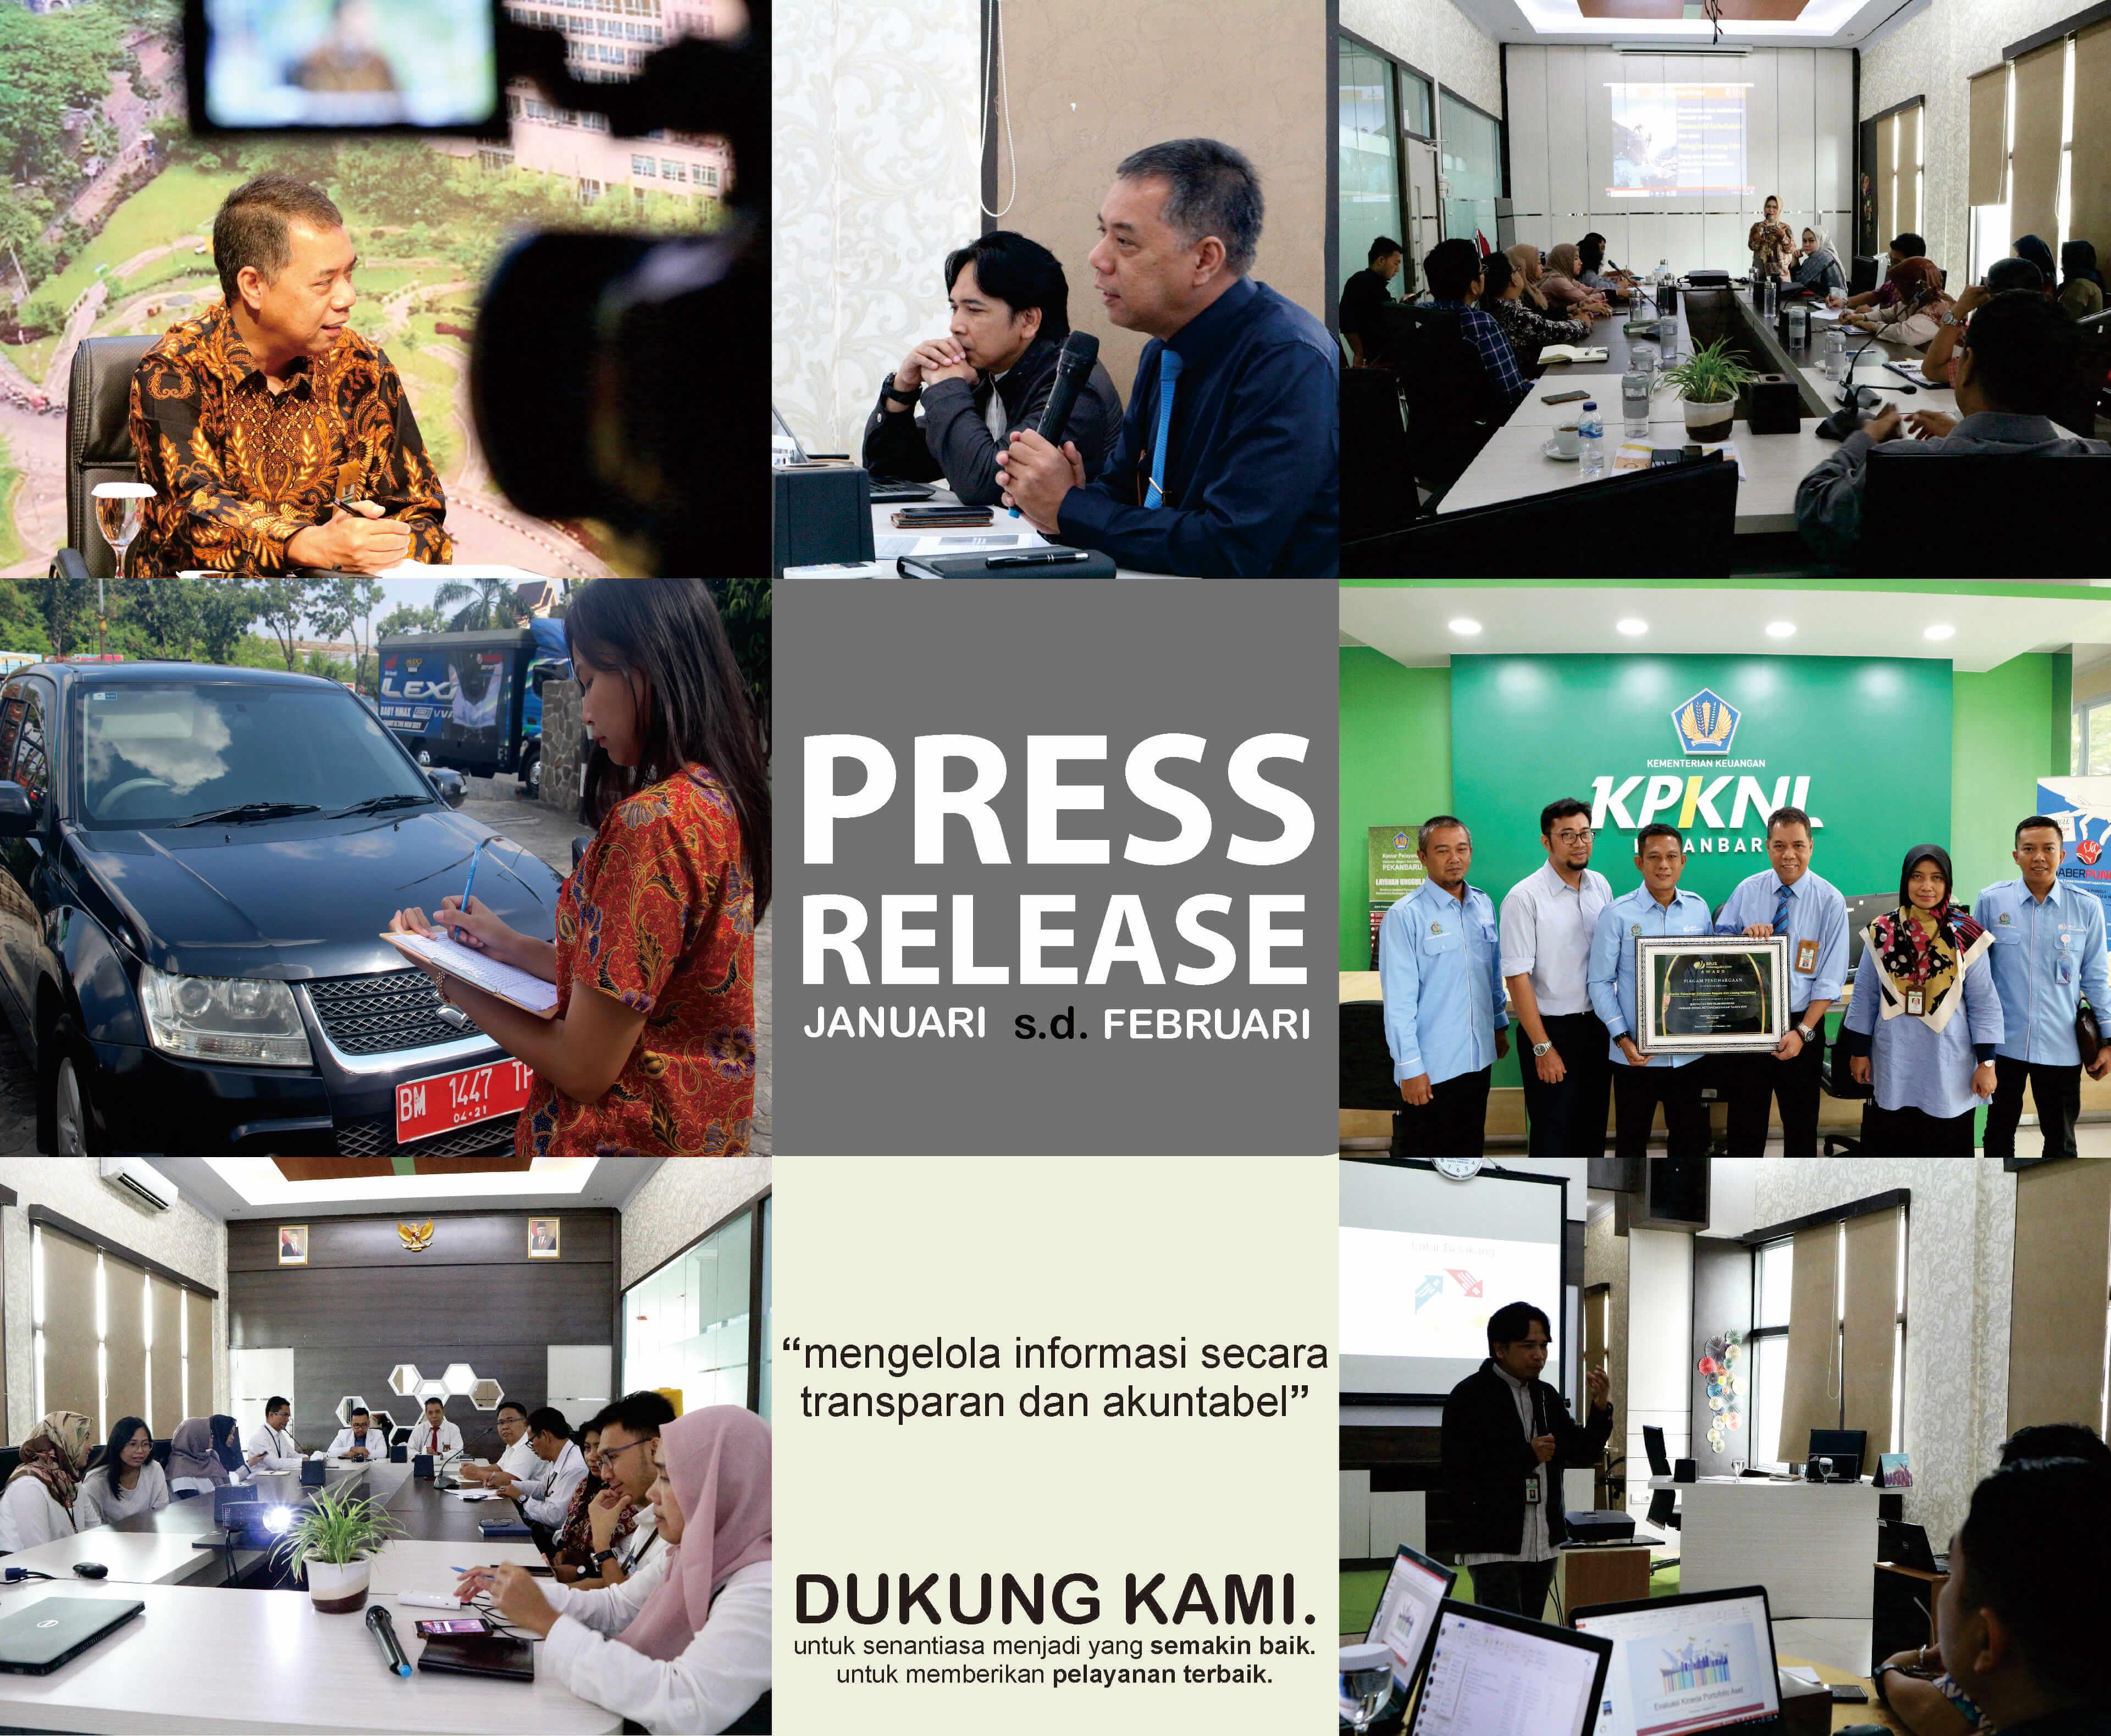 Press Release Capaian KPKNL Pekanbaru